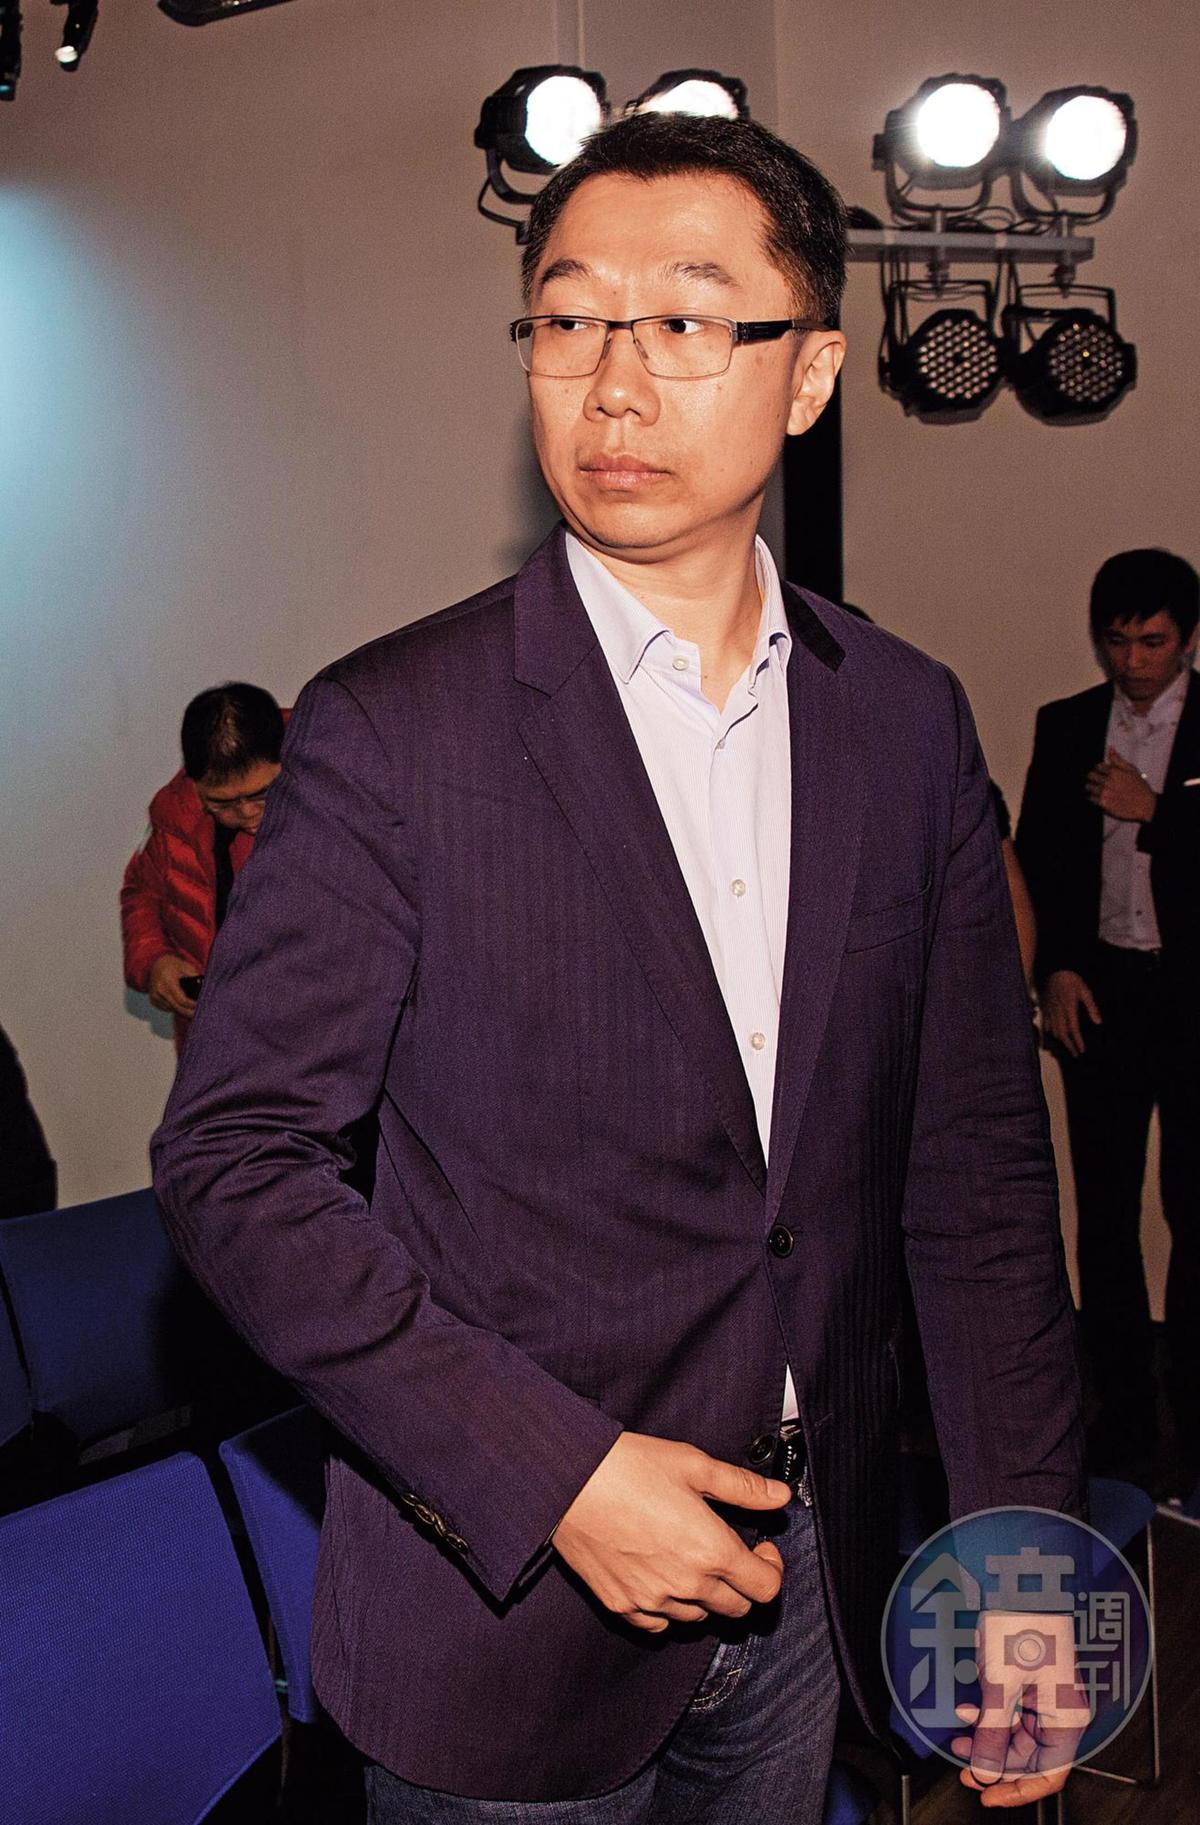 郭台銘兒子郭守正近日向友人證實「確定不會等換瑜了」,透露郭董已下決心脫黨參選。